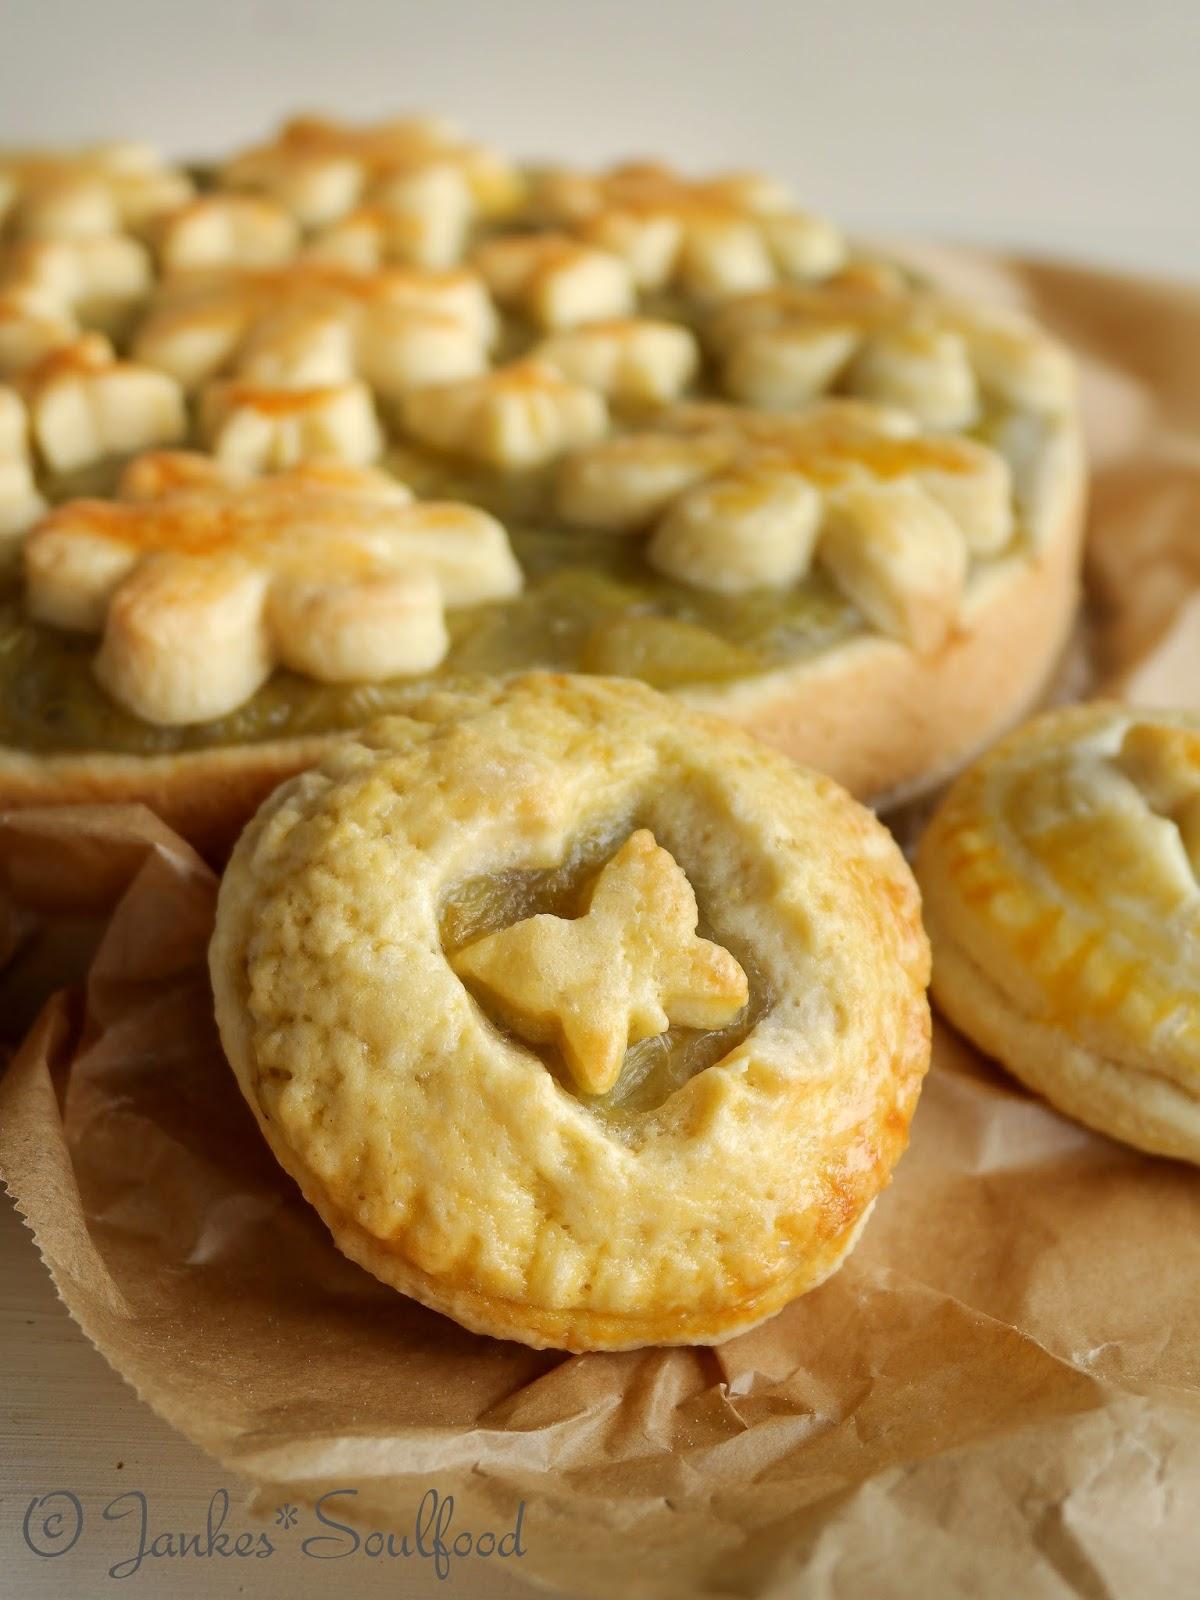 Rhabarber Pies von Jankes Soulfood